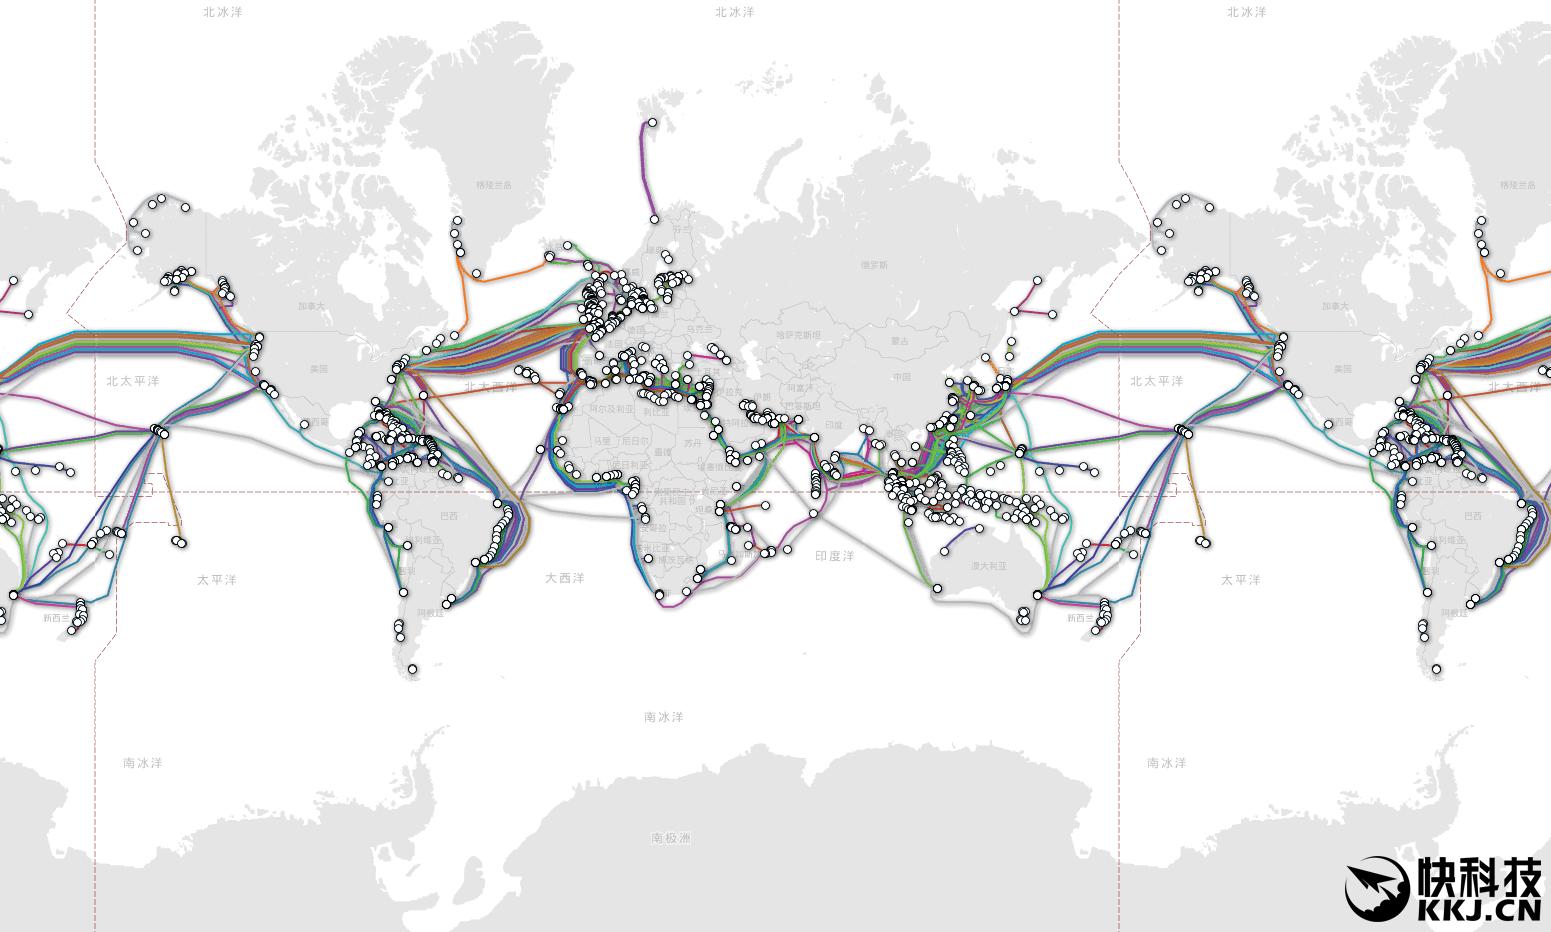 全球海底光缆示意图